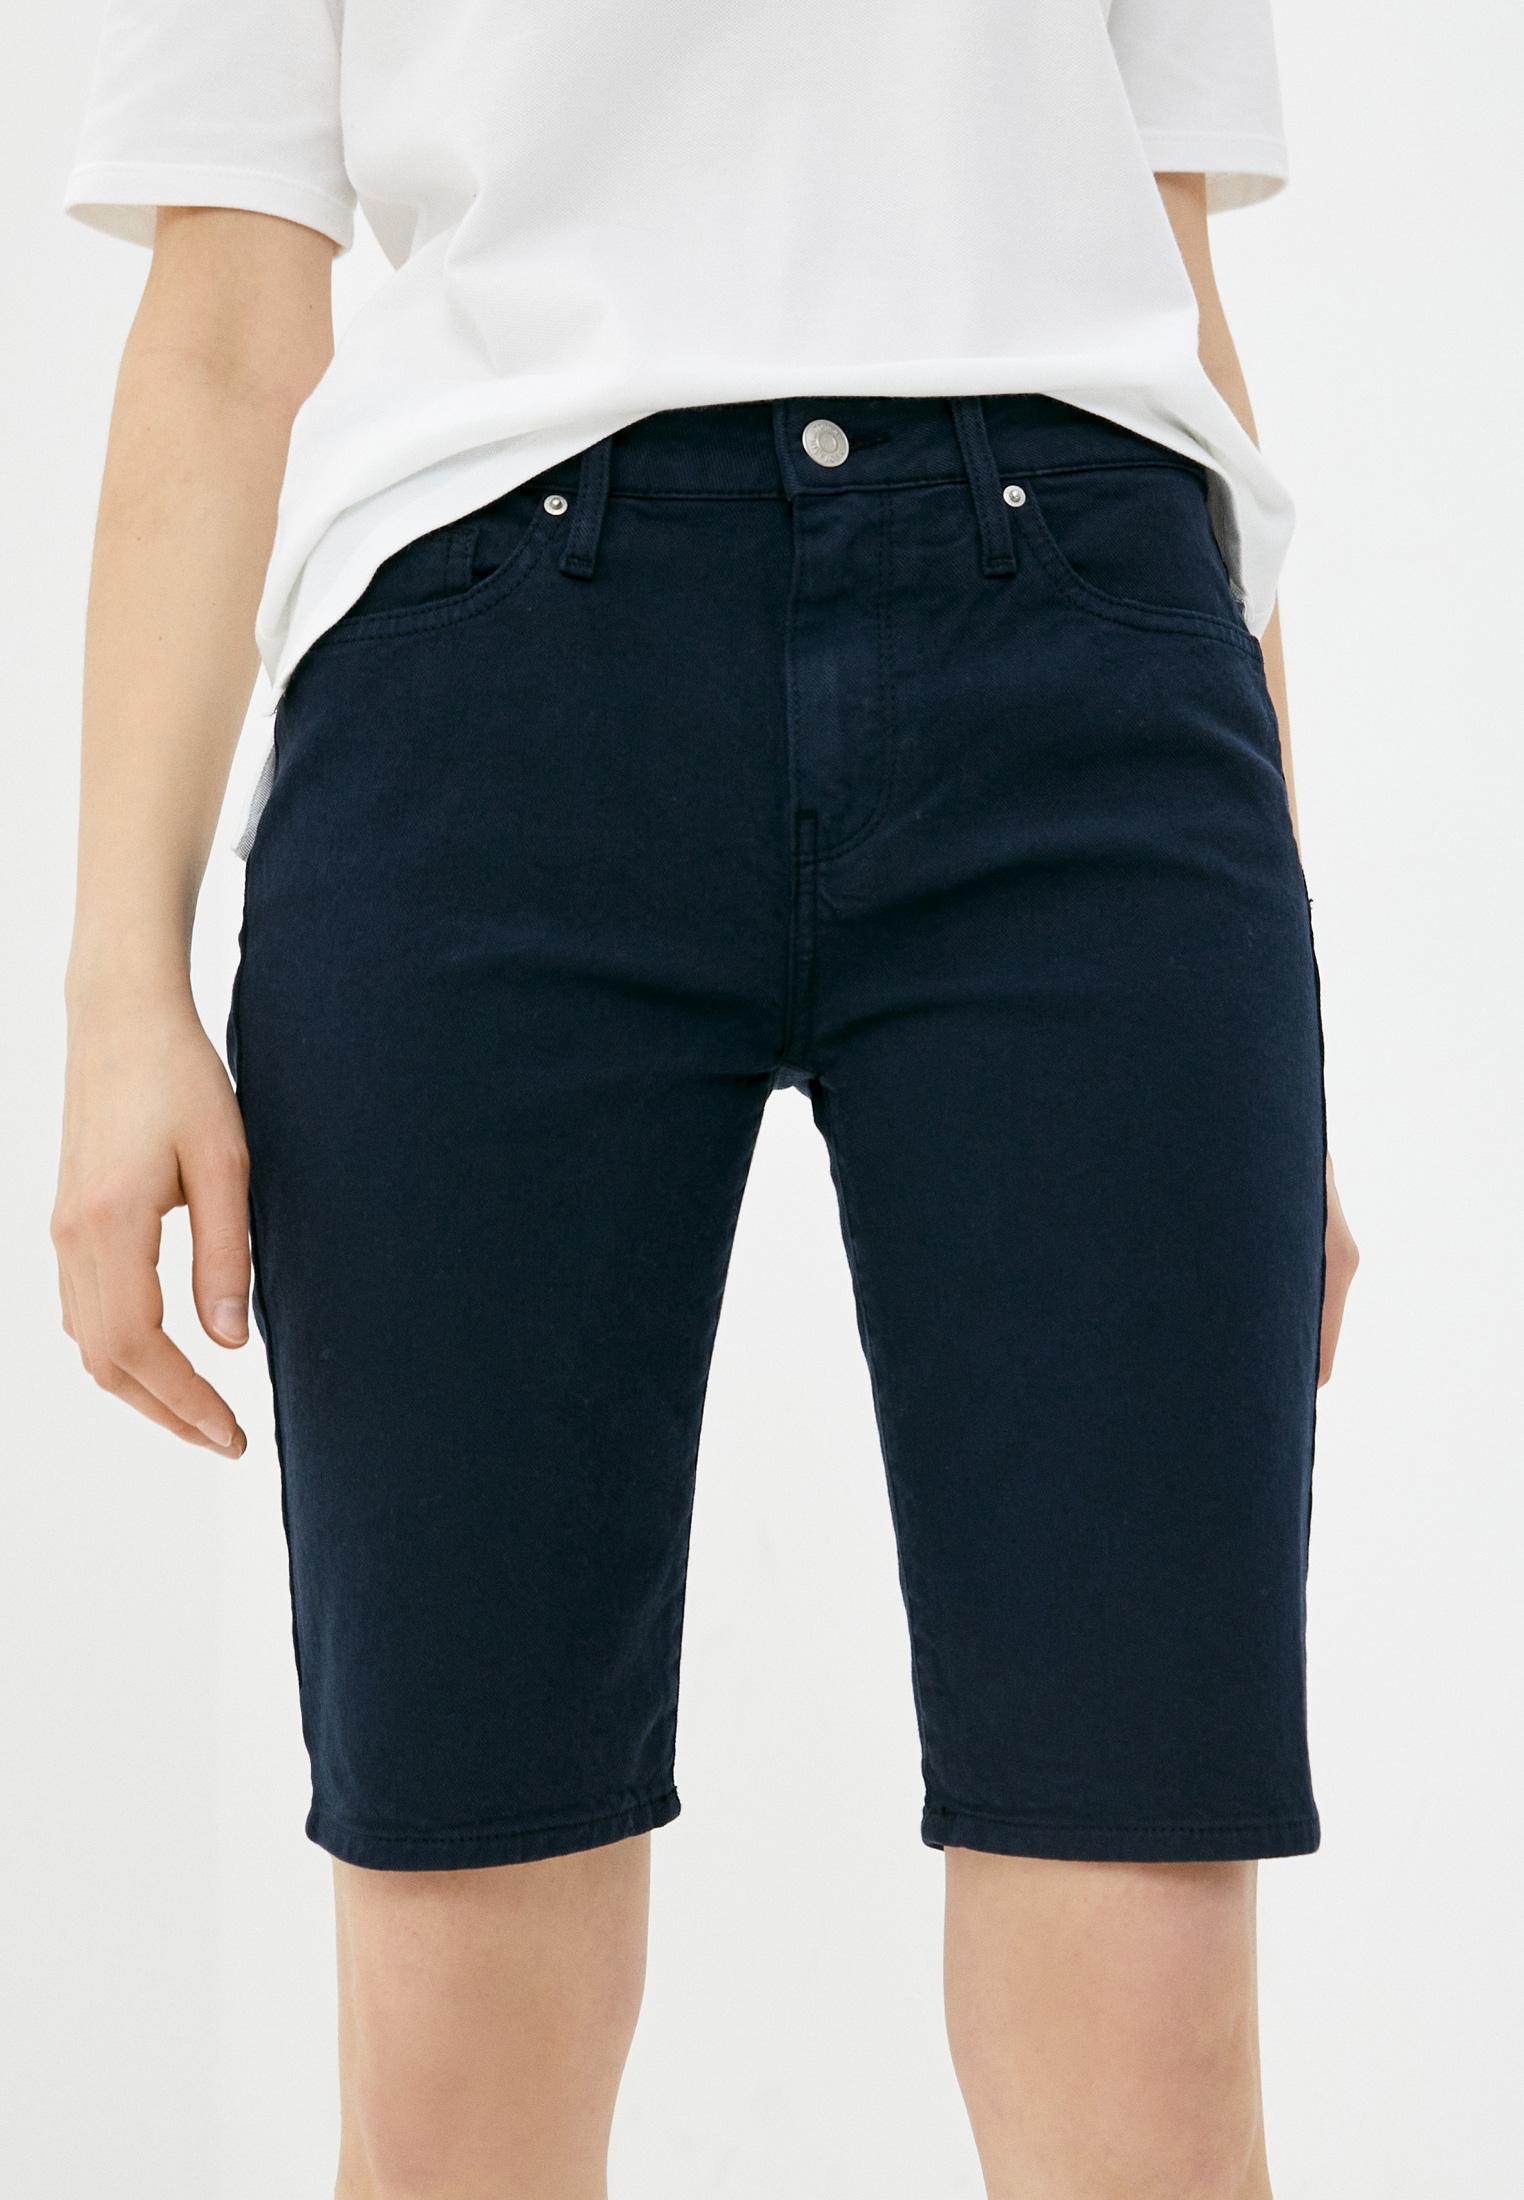 Женские джинсовые шорты Tommy Hilfiger (Томми Хилфигер) WW0WW30531: изображение 1